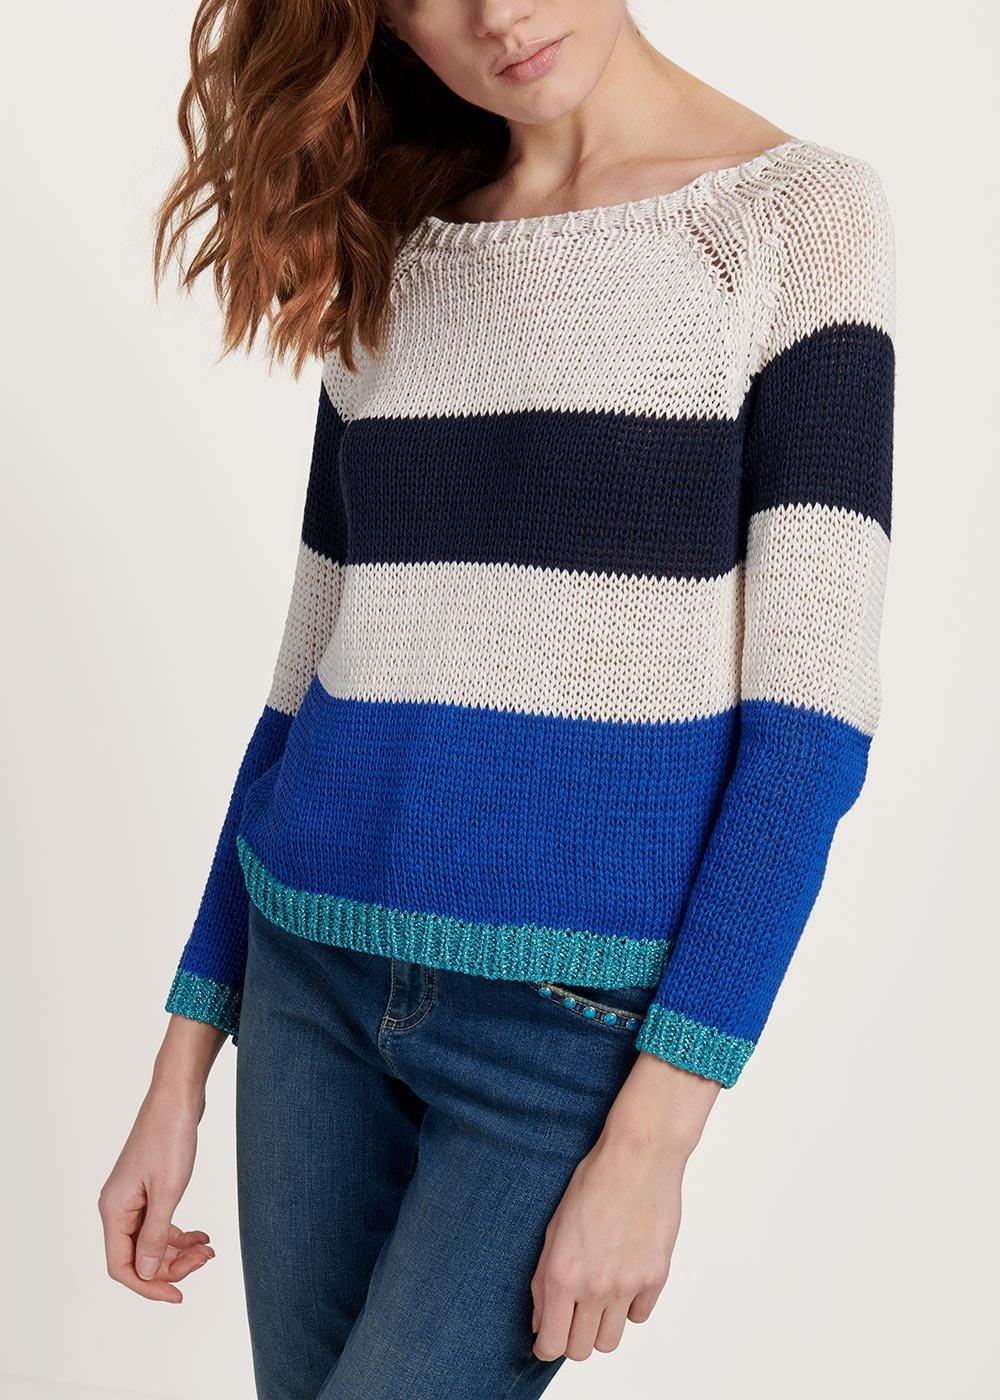 Maglia Margaret tricolor cotone e viscosa - White /  Marina  Stripes - Donna